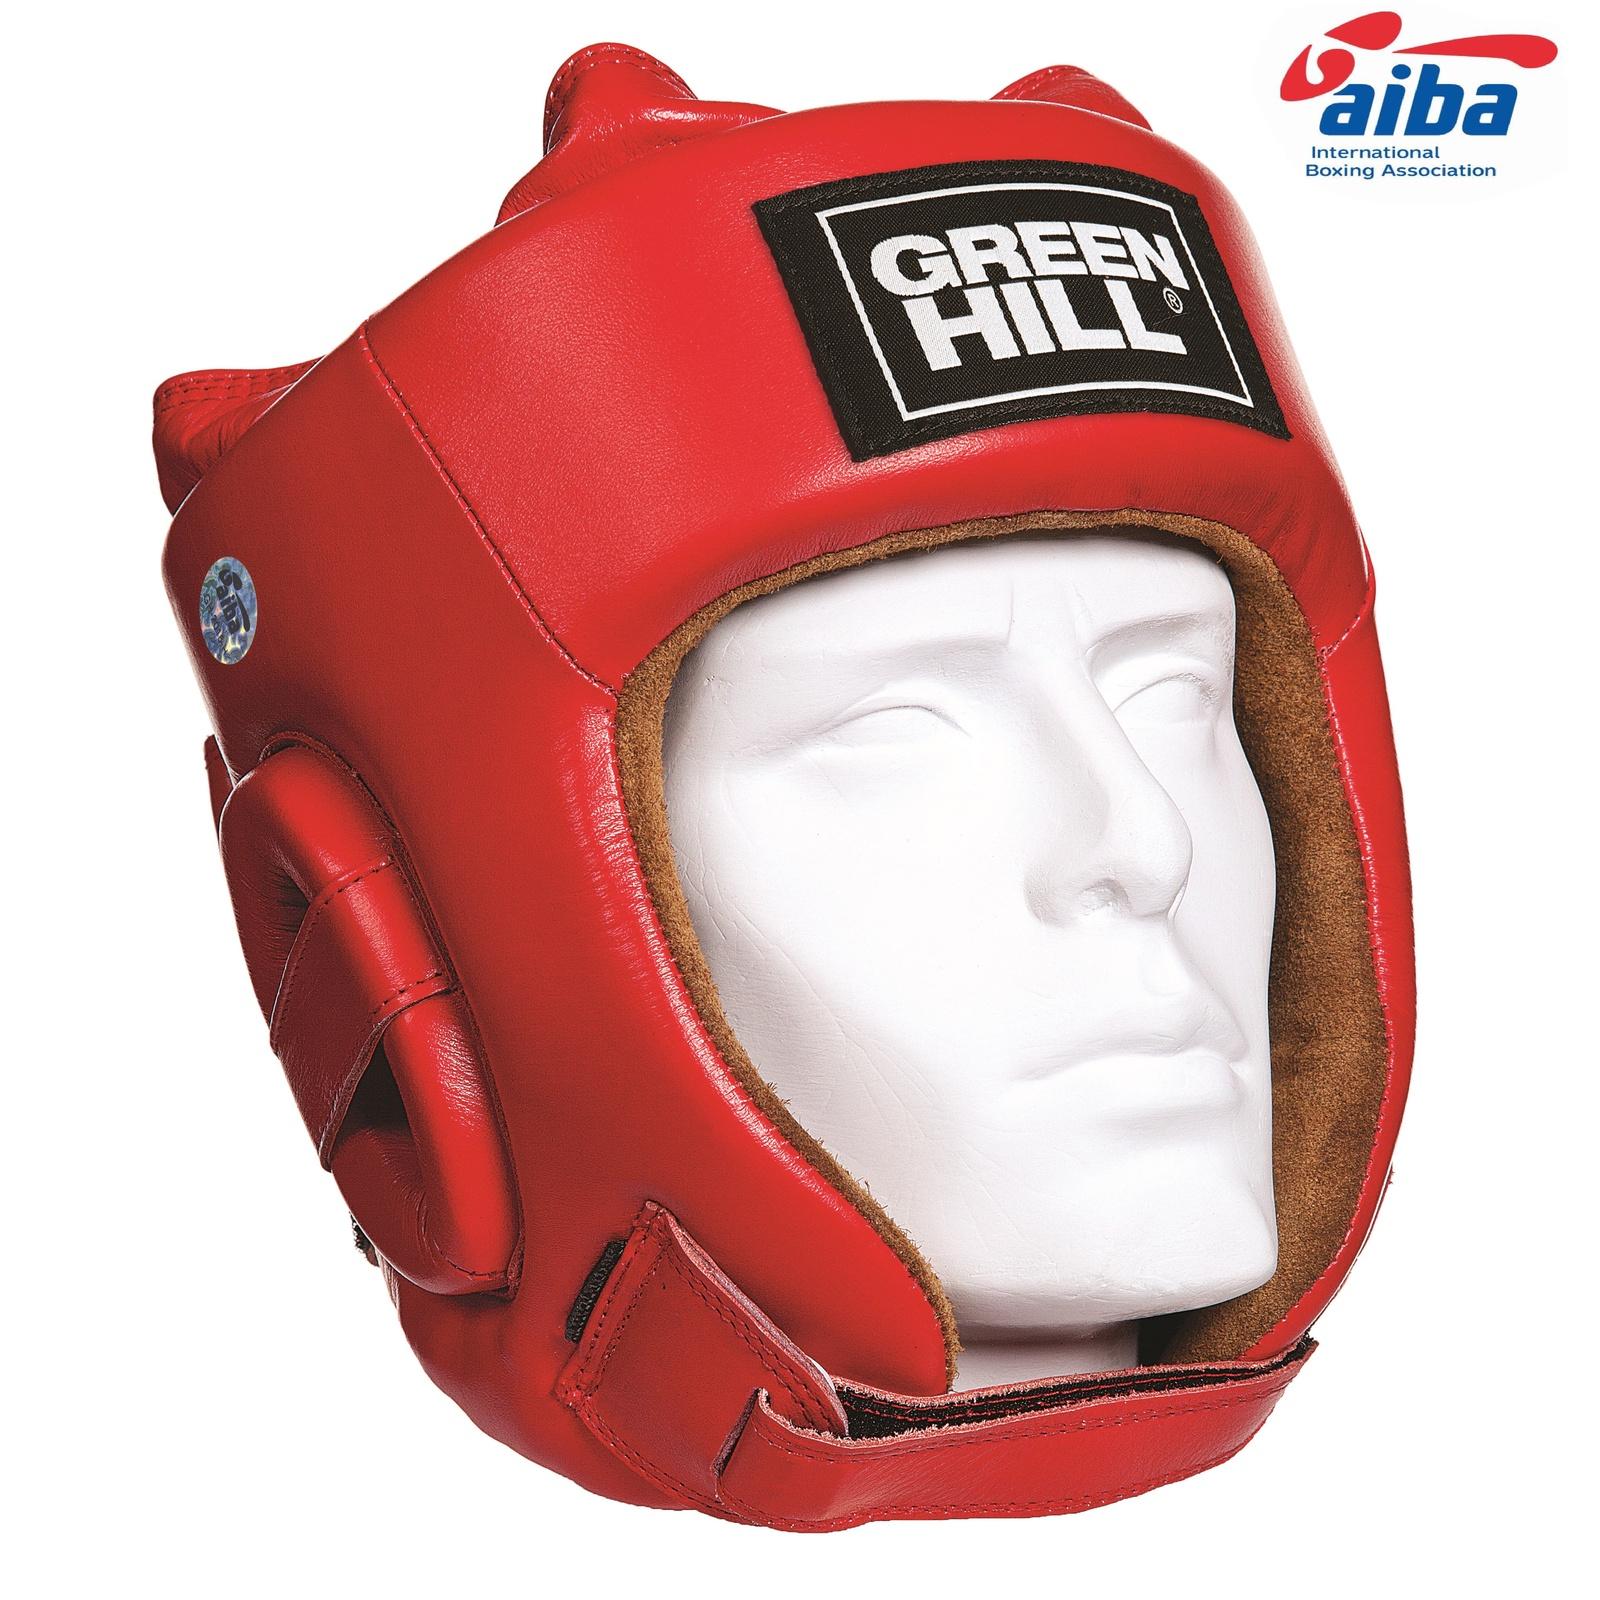 Шлем Green Hill FIVE STAR AIBA, одобренный, цвет:красный, размер L все цены